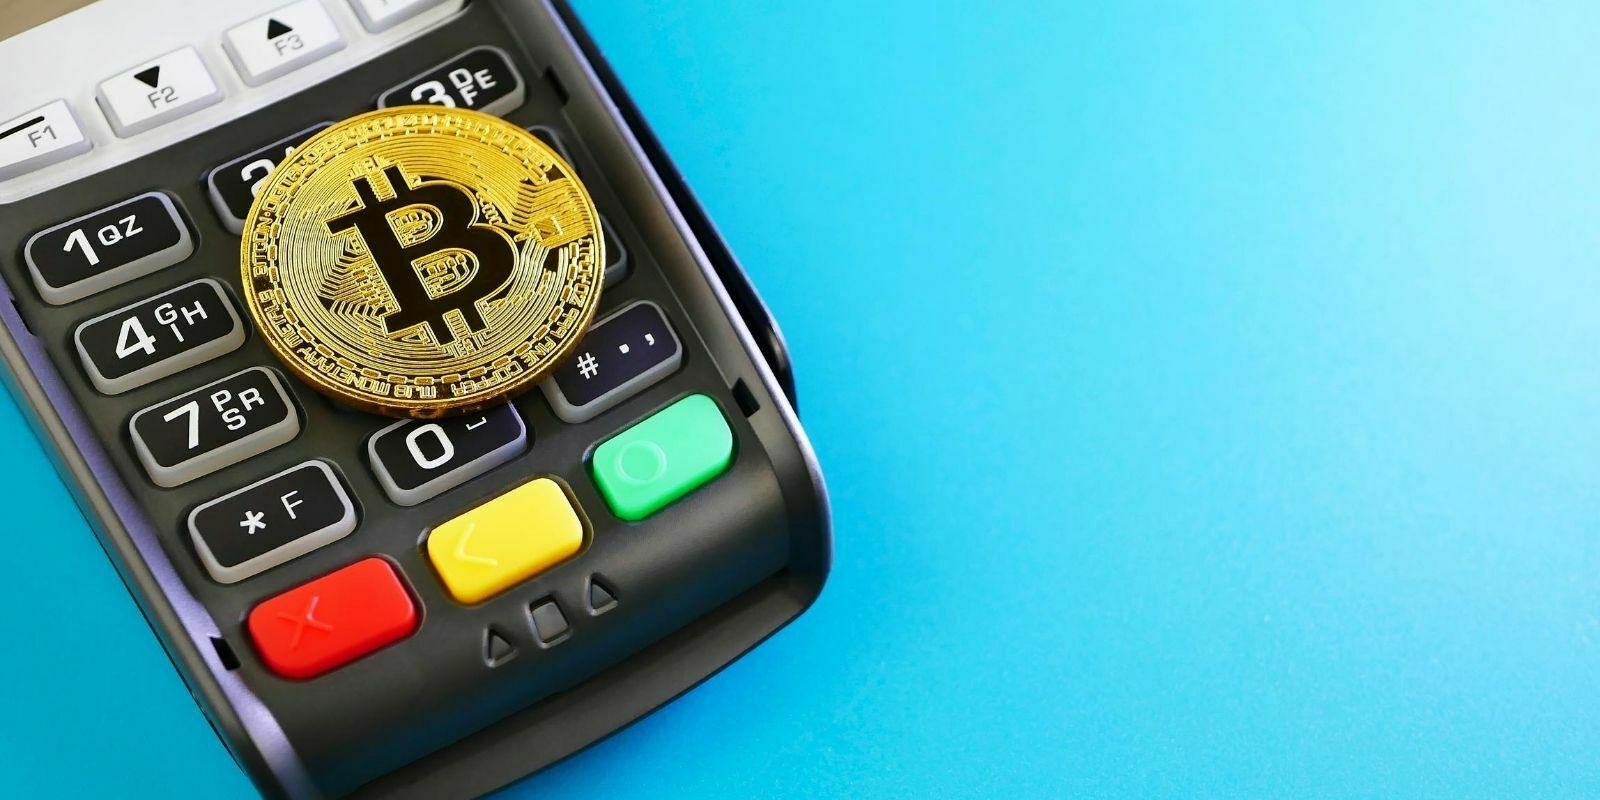 Comment accepter du bitcoin sur un terminal de paiement ?